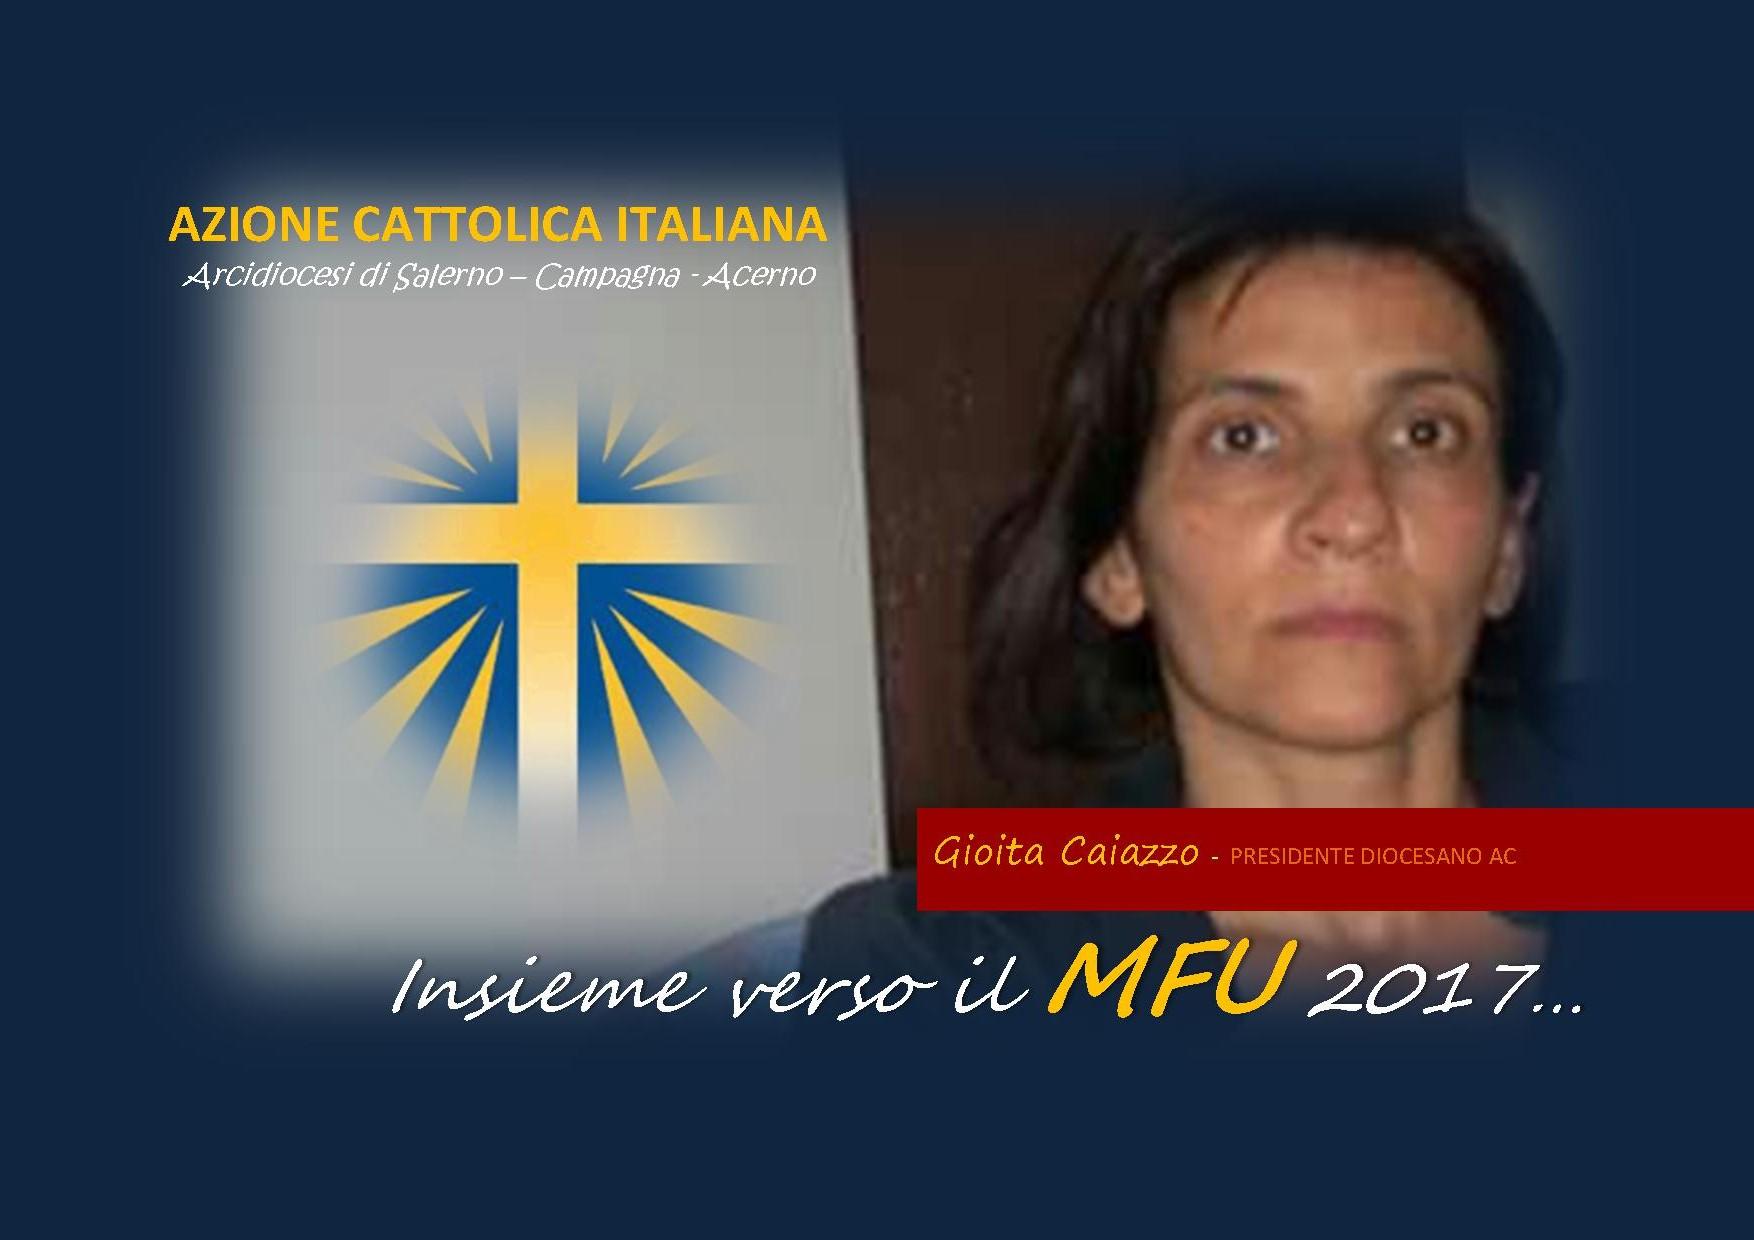 """Modulo Formativo AC, Caiazzo: """"Per Una Matura Coscienza Umana E Cristiana"""""""